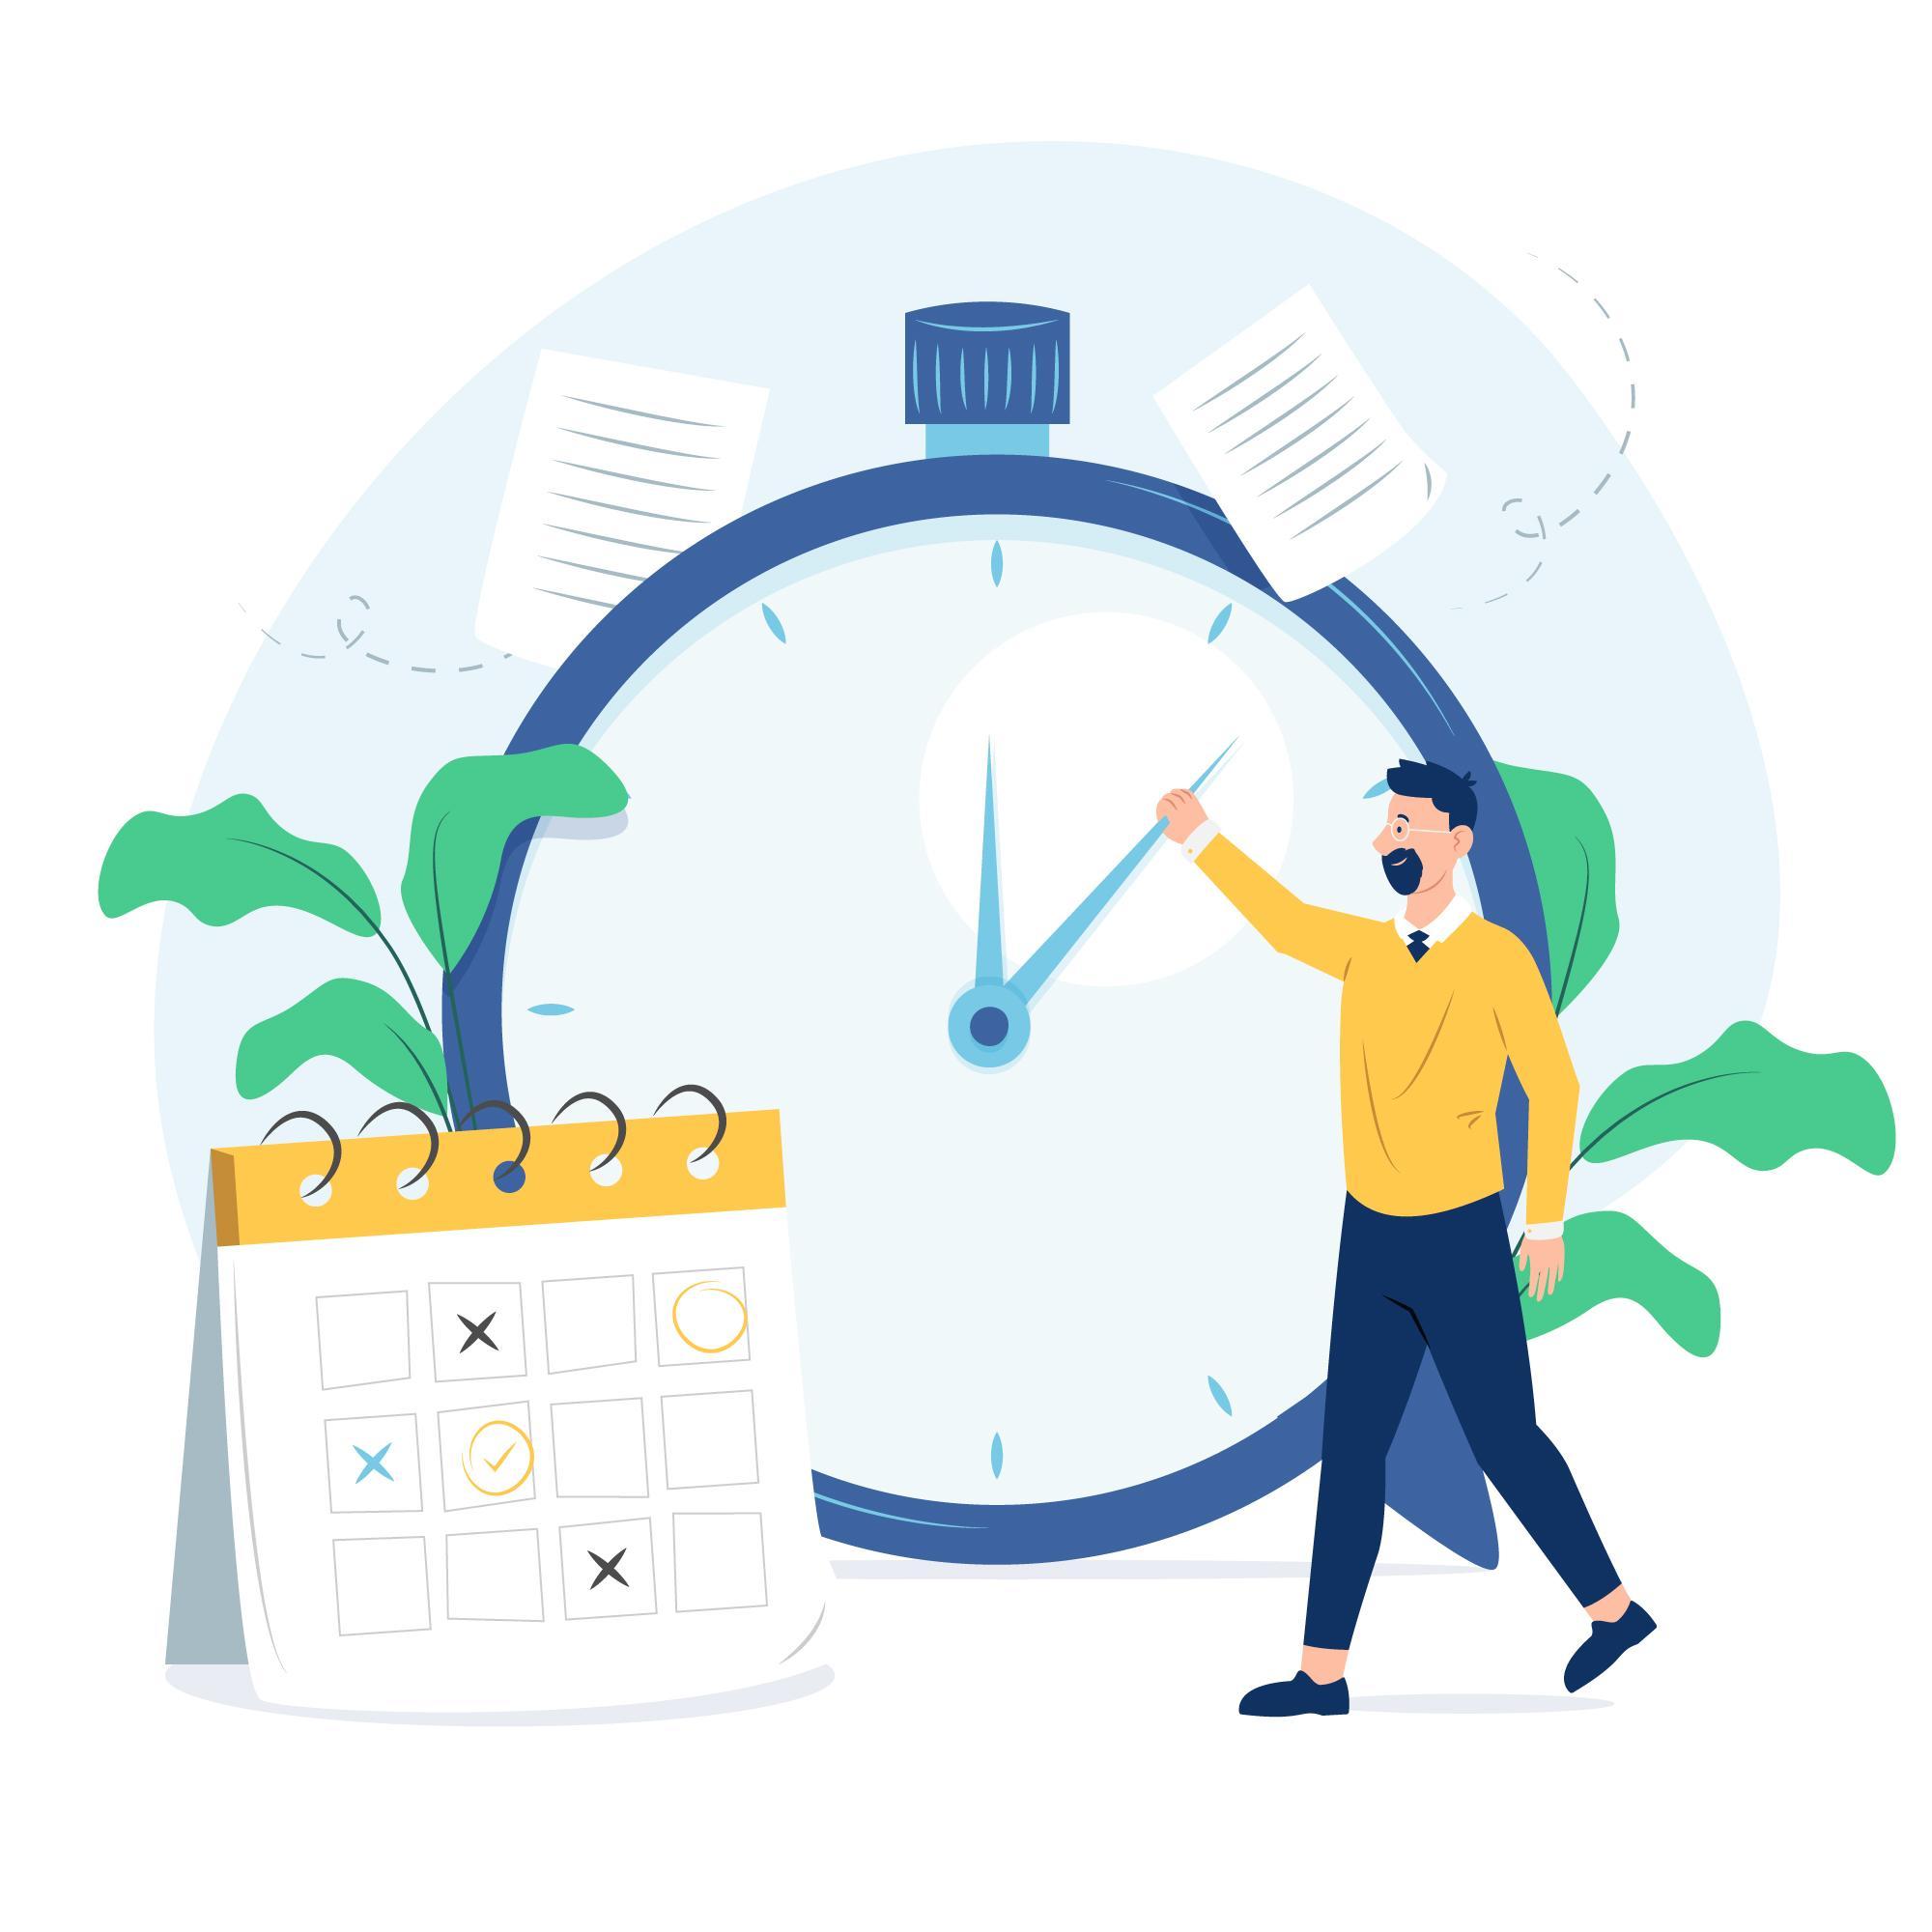 Temps réseaux sociaux - Agence réseaux sociaux